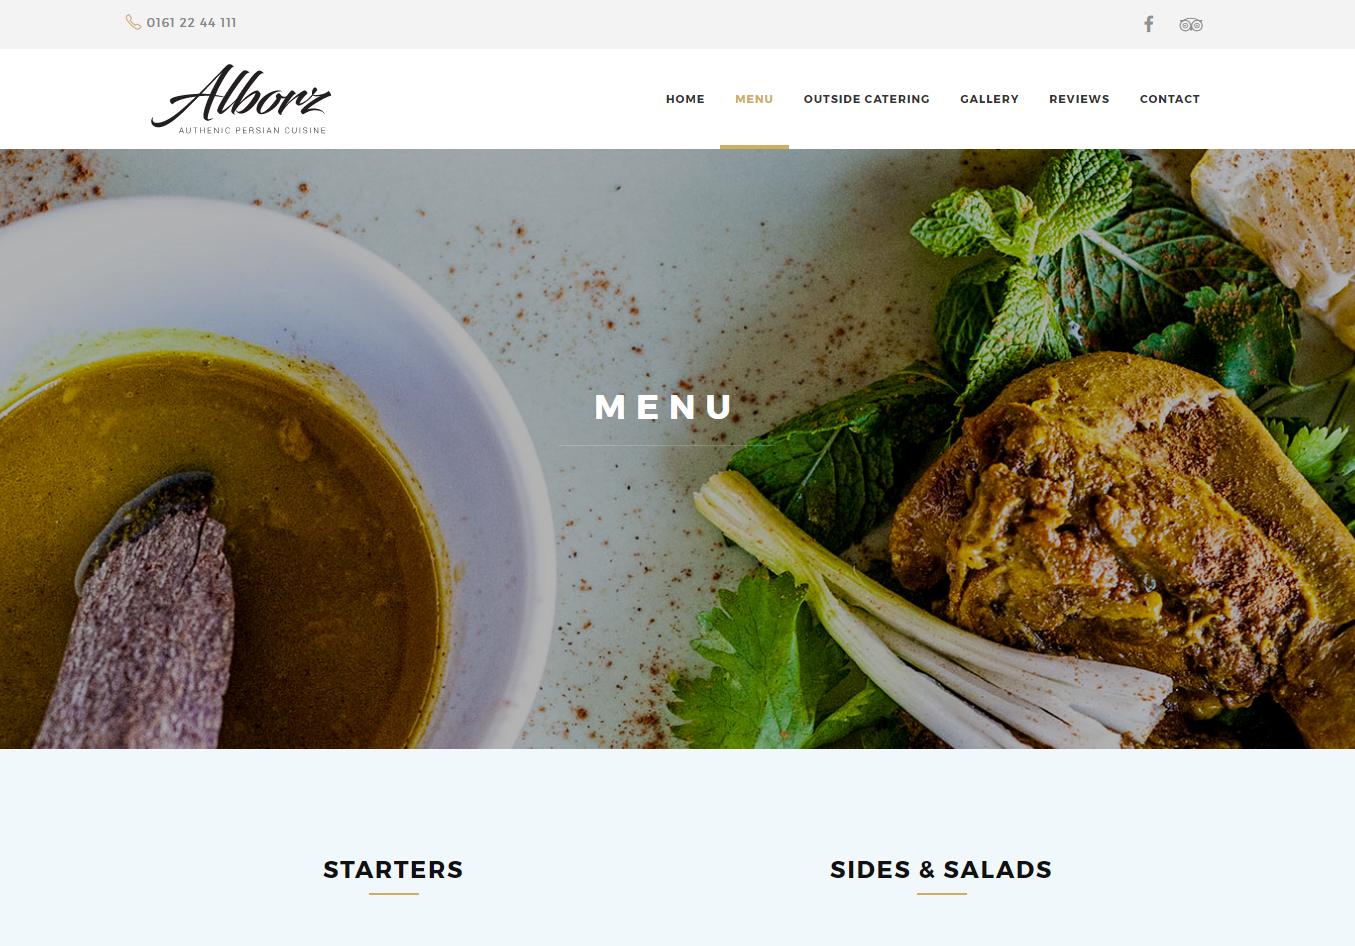 Alborz restaurant manchester for Alborz persian cuisine